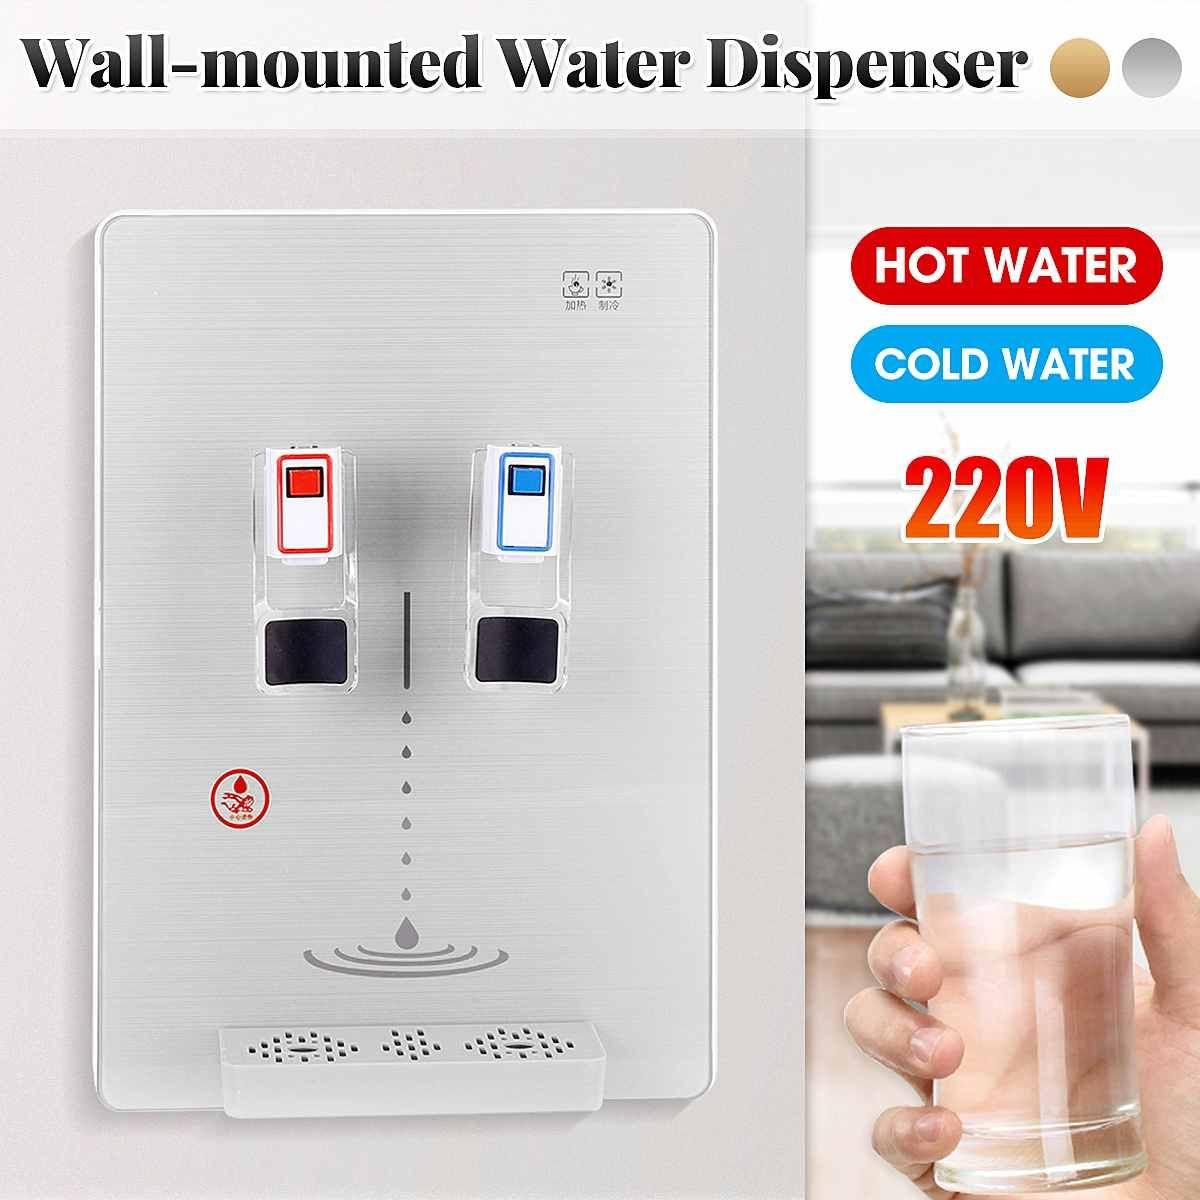 Plus récent mural Distributeur d'eau Travailler avec Purificateur d'eau 220 ménages chaud Distributeur d'eau froide potable pour Home Office